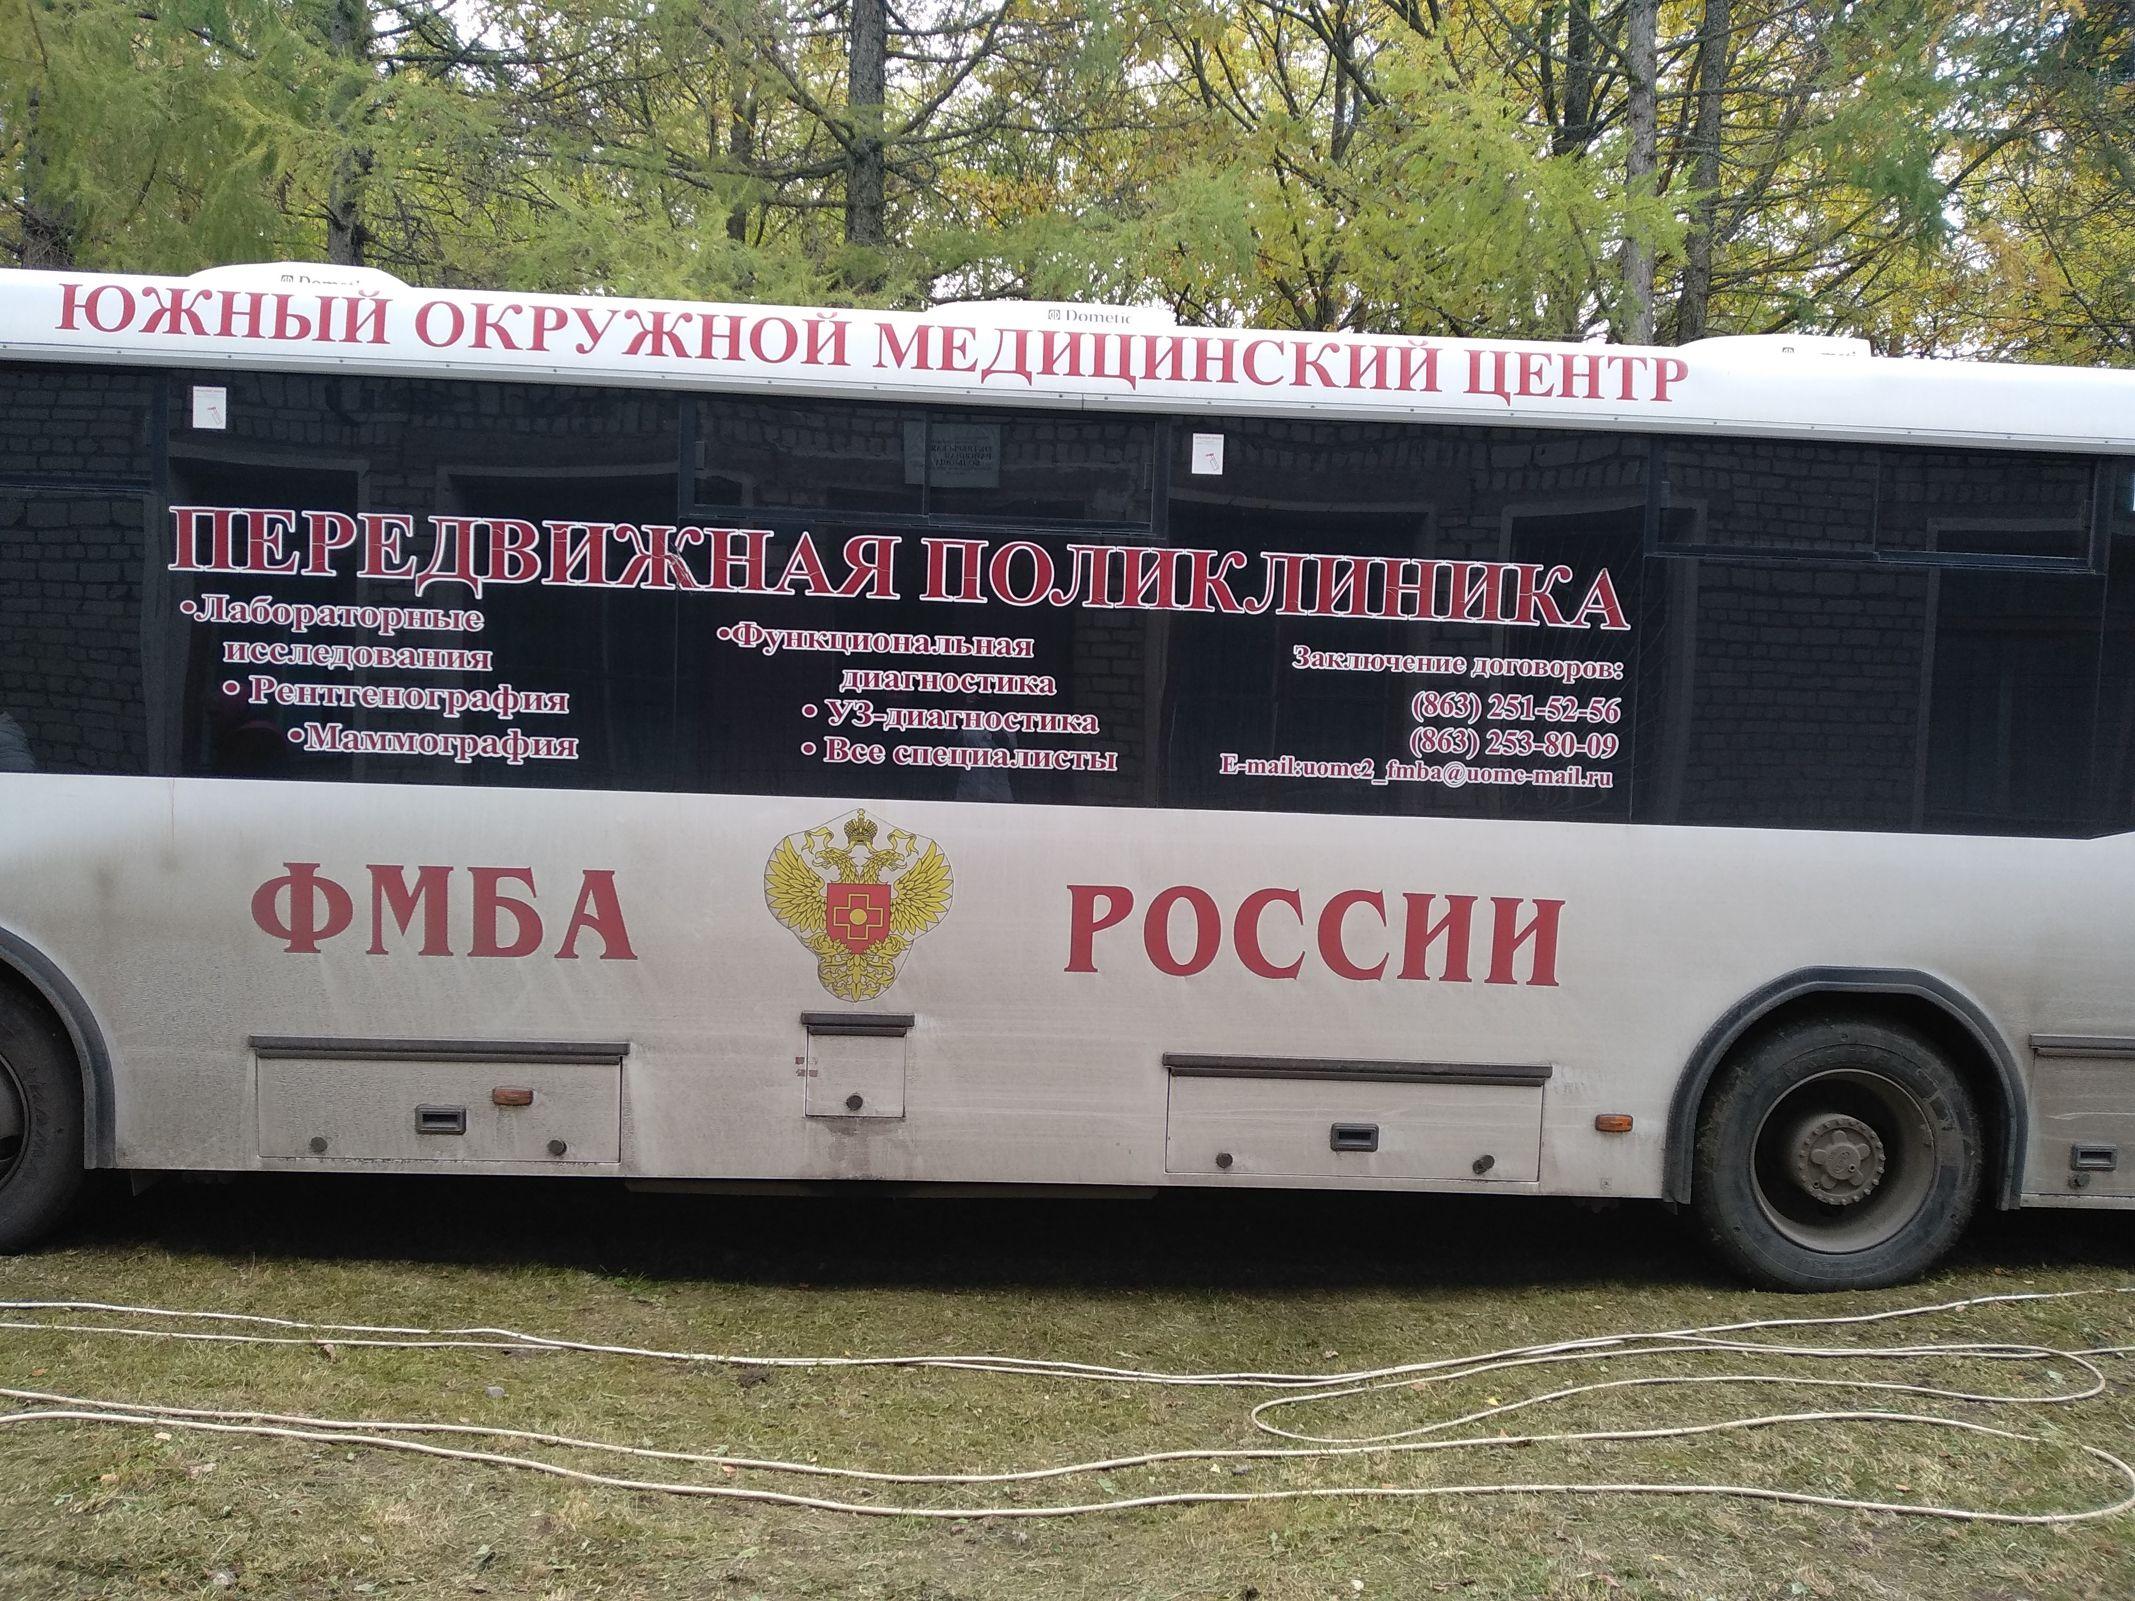 Дмитрий Миронов: специалисты ФМБА обследовали около 7000 жителей Ярославской области